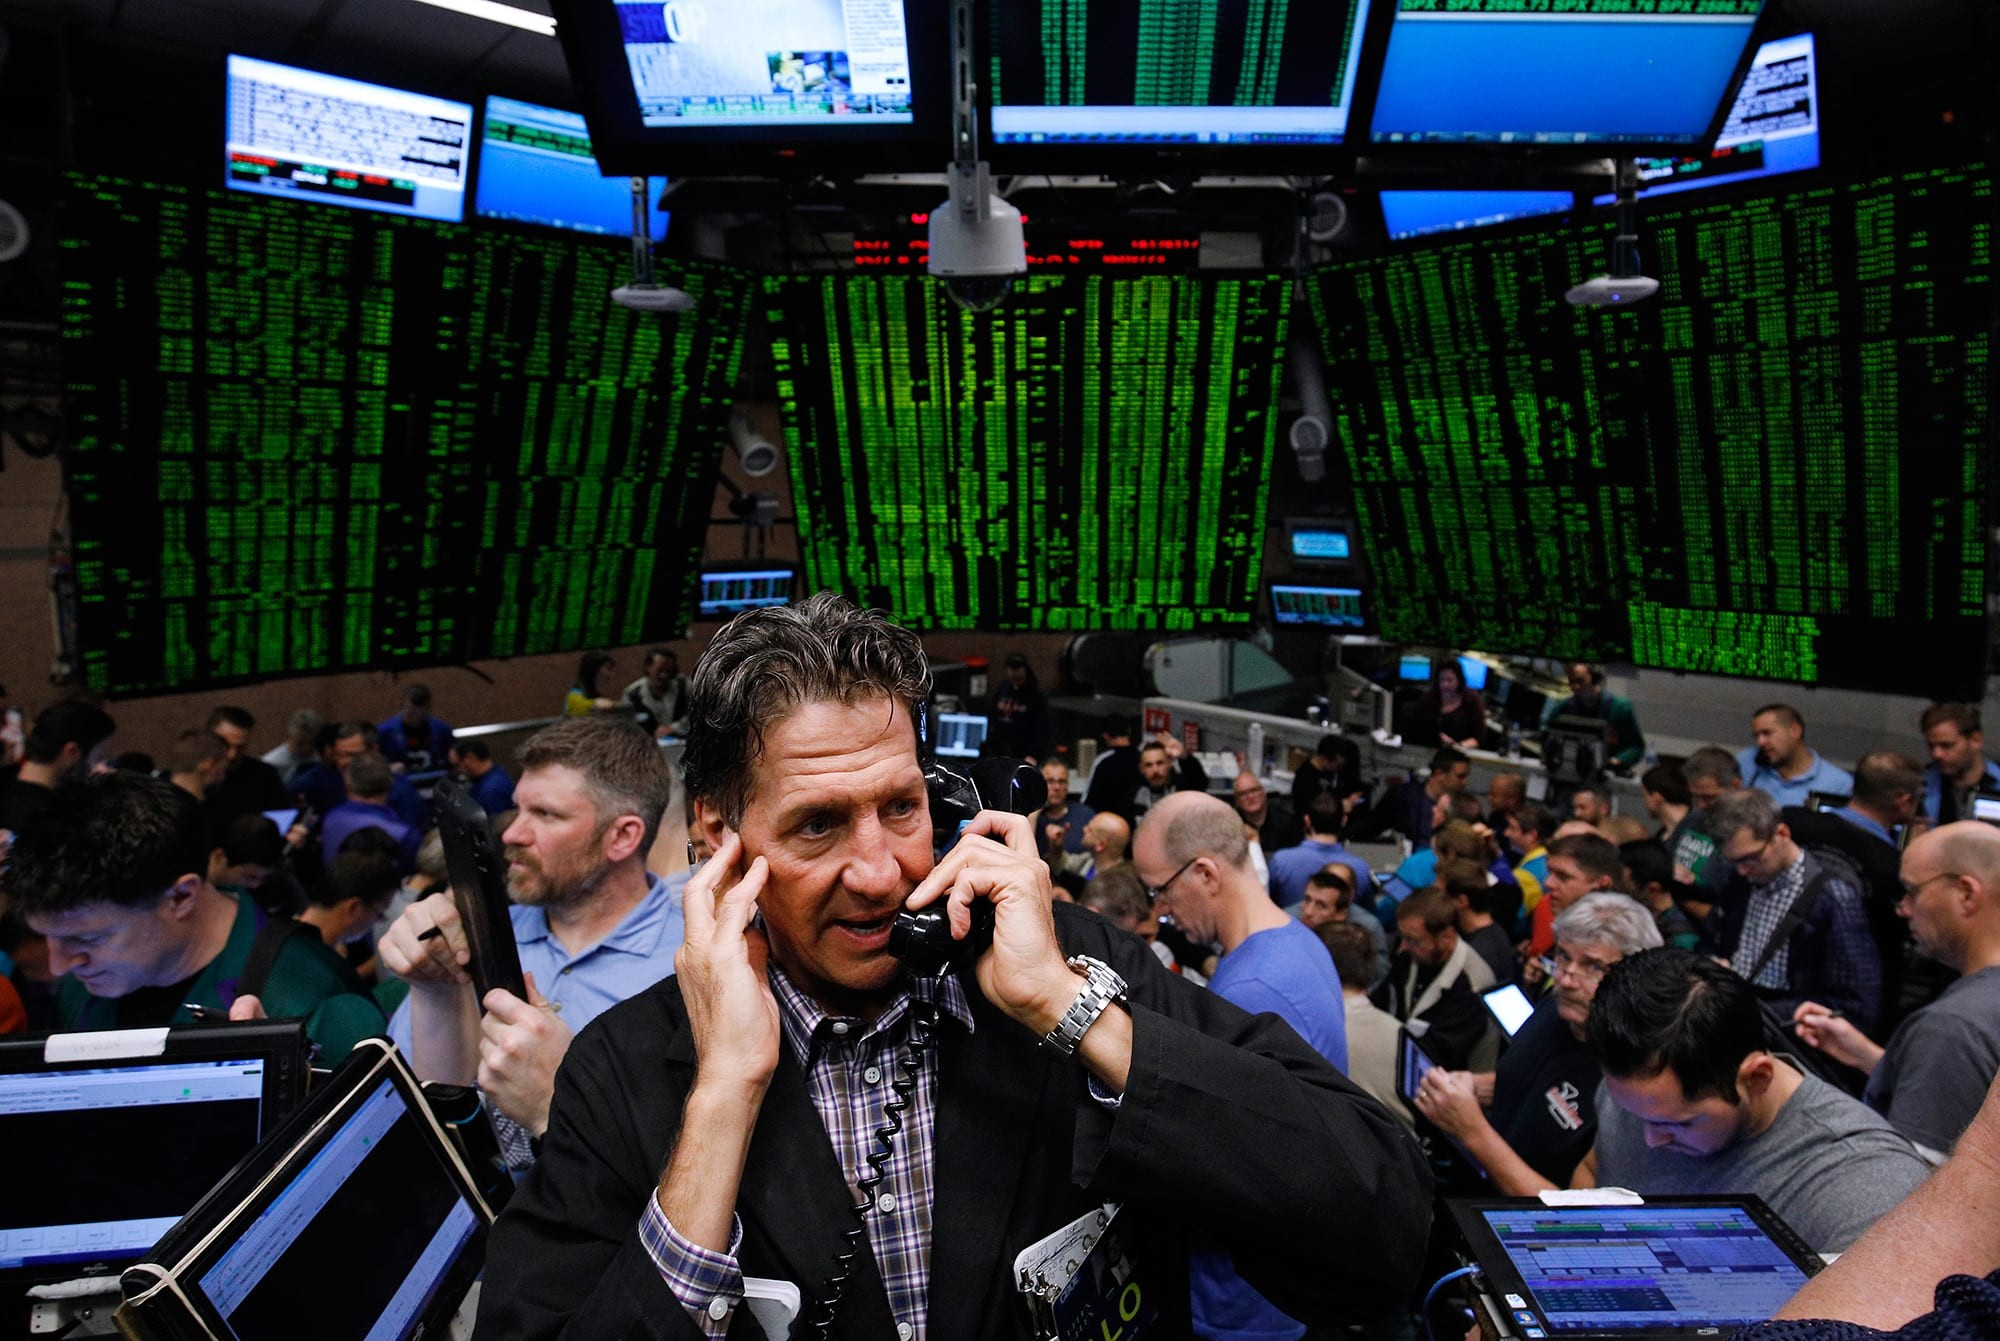 Рынок ит: умеренный рост может смениться резким падением. обзор: рынок ит: итоги 2019 - cnews